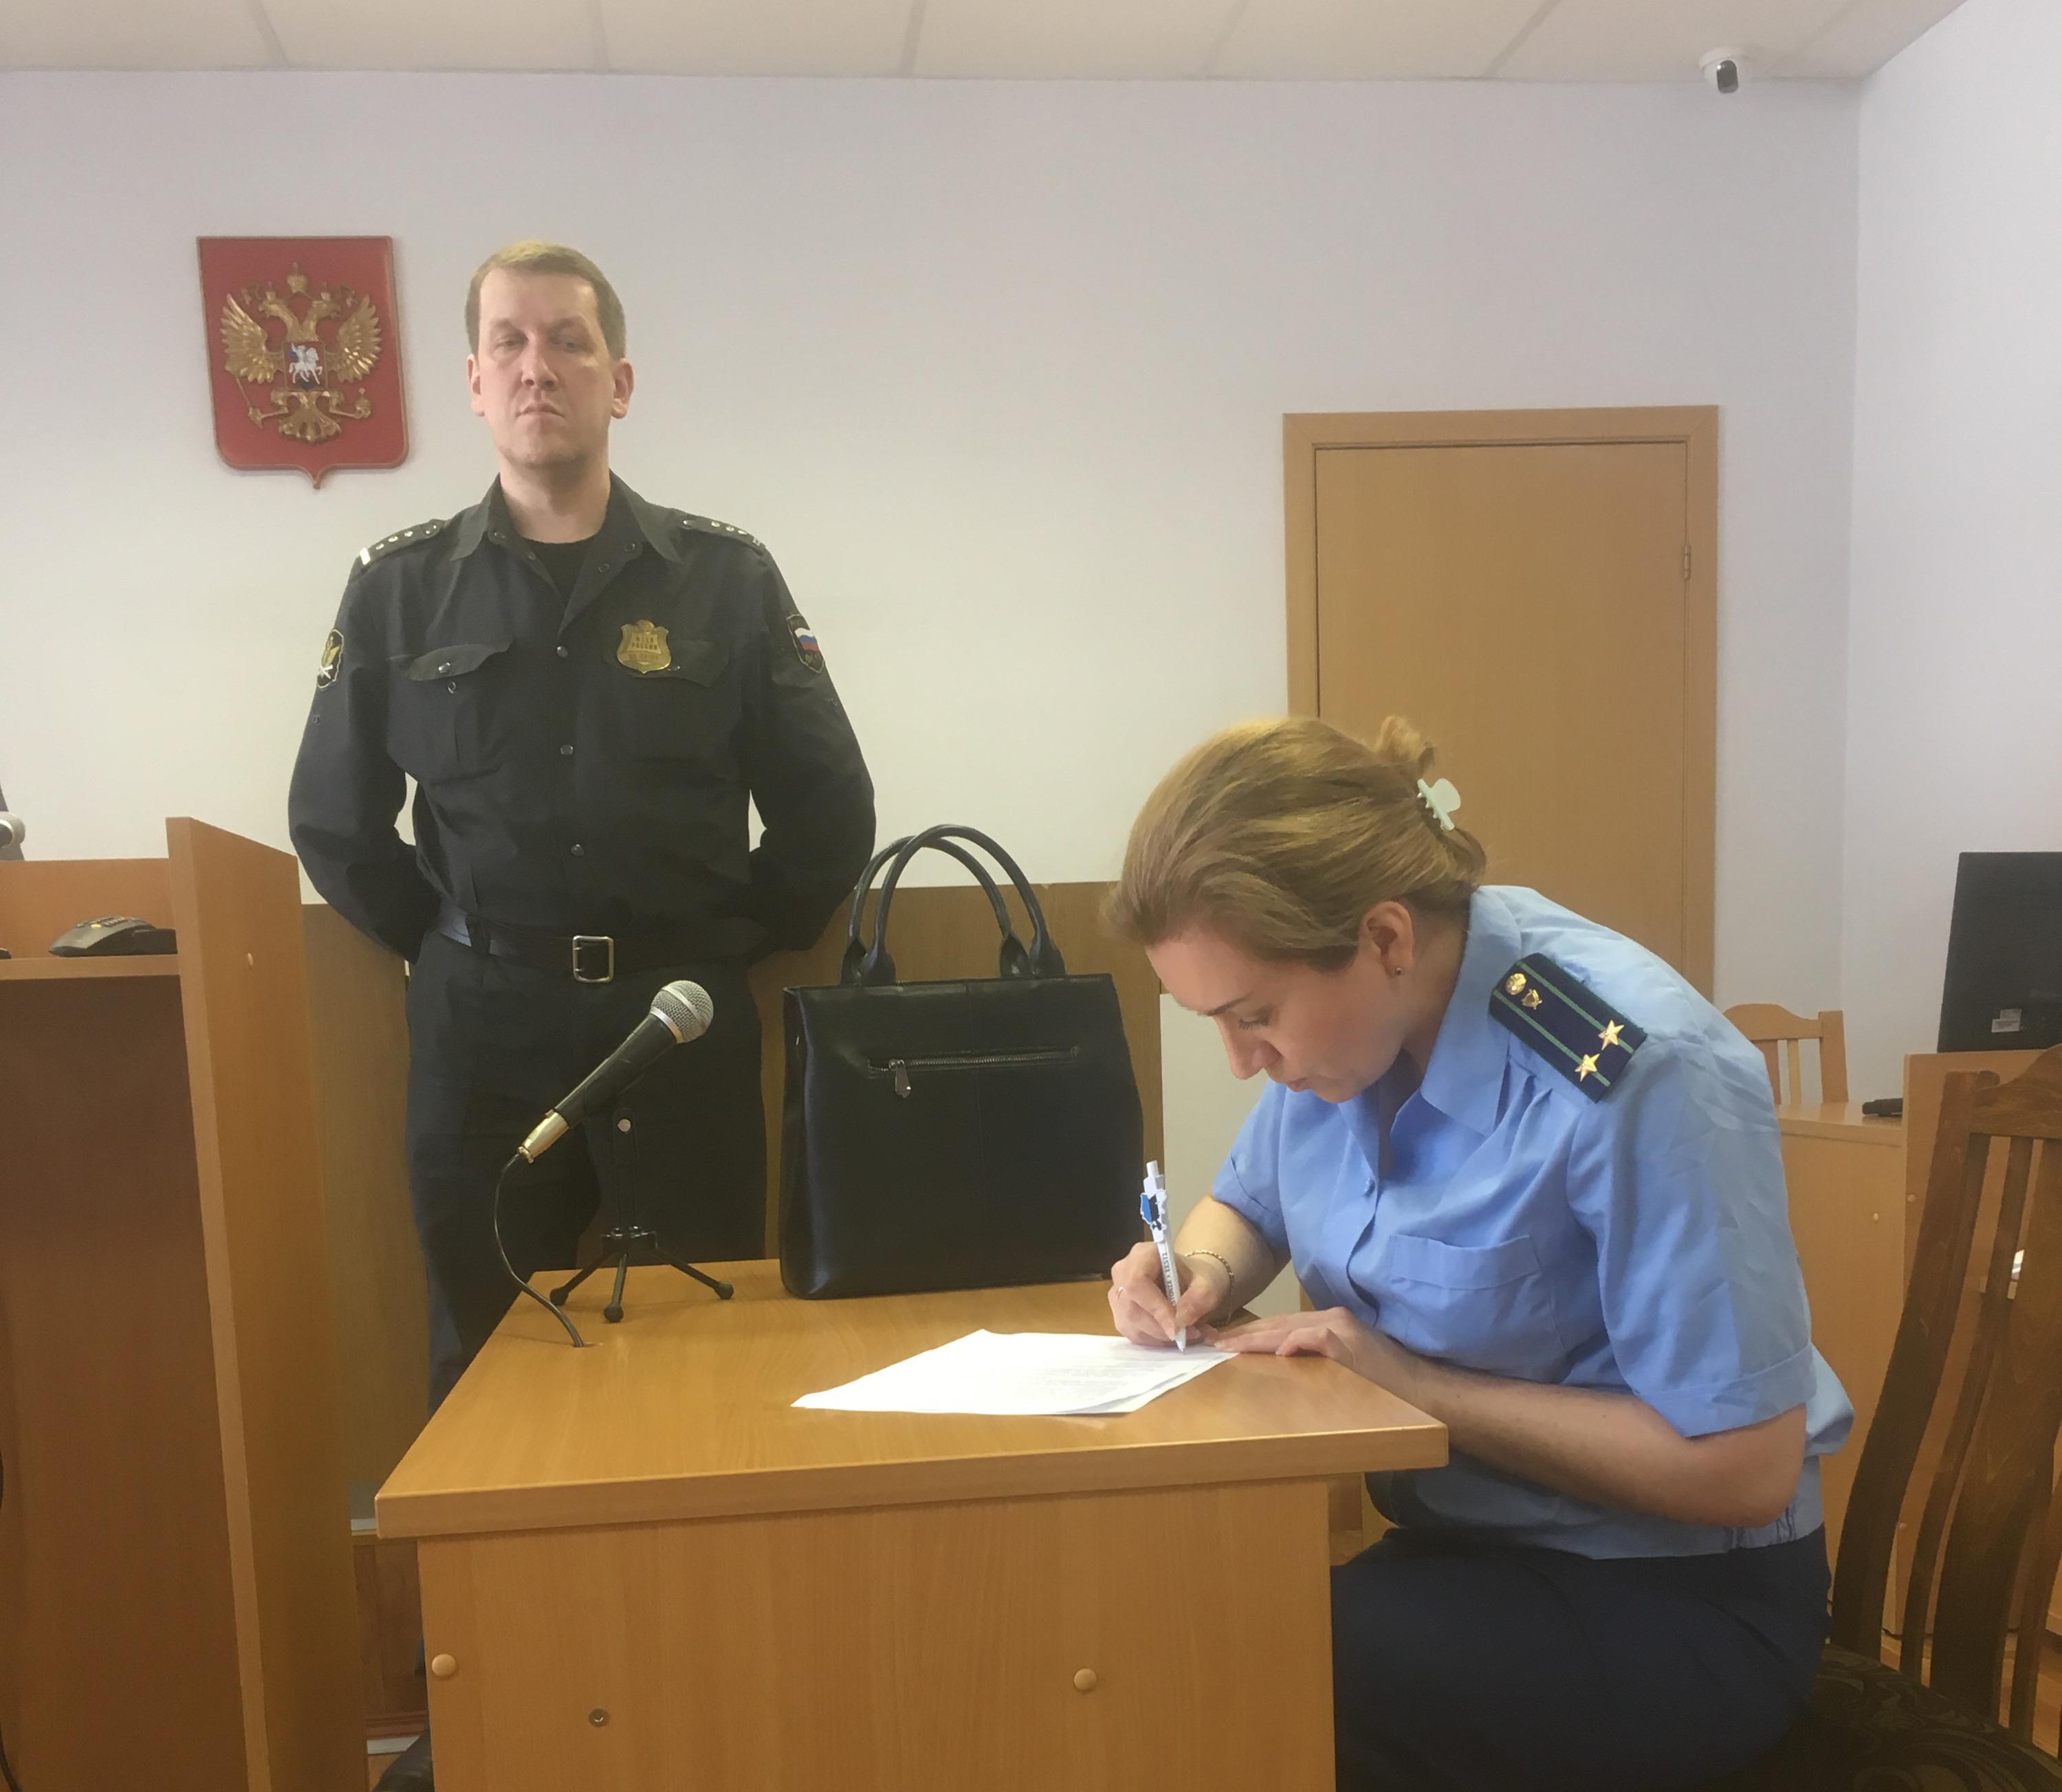 Юрия Чеснокова привели в Вилегодский районный суд в 11 часов